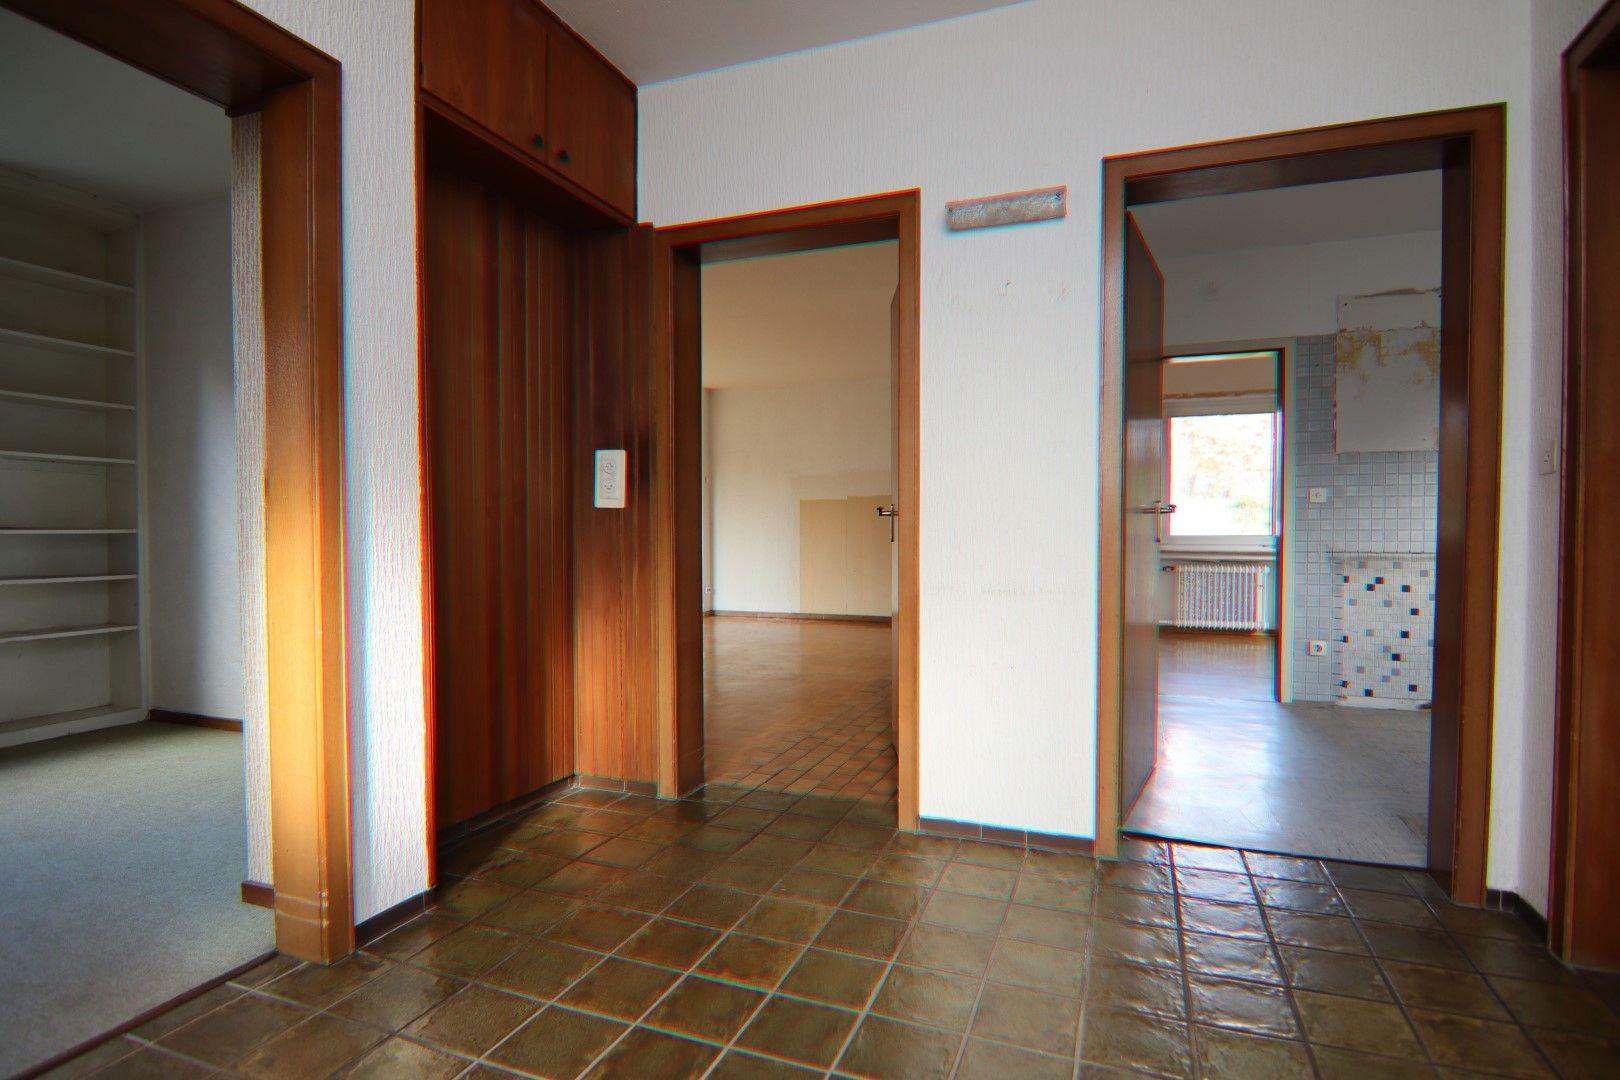 Immobilie Nr.0279 - Freistehendes EFH mit Anbau, Keller und Garage - Bild 3.jpg